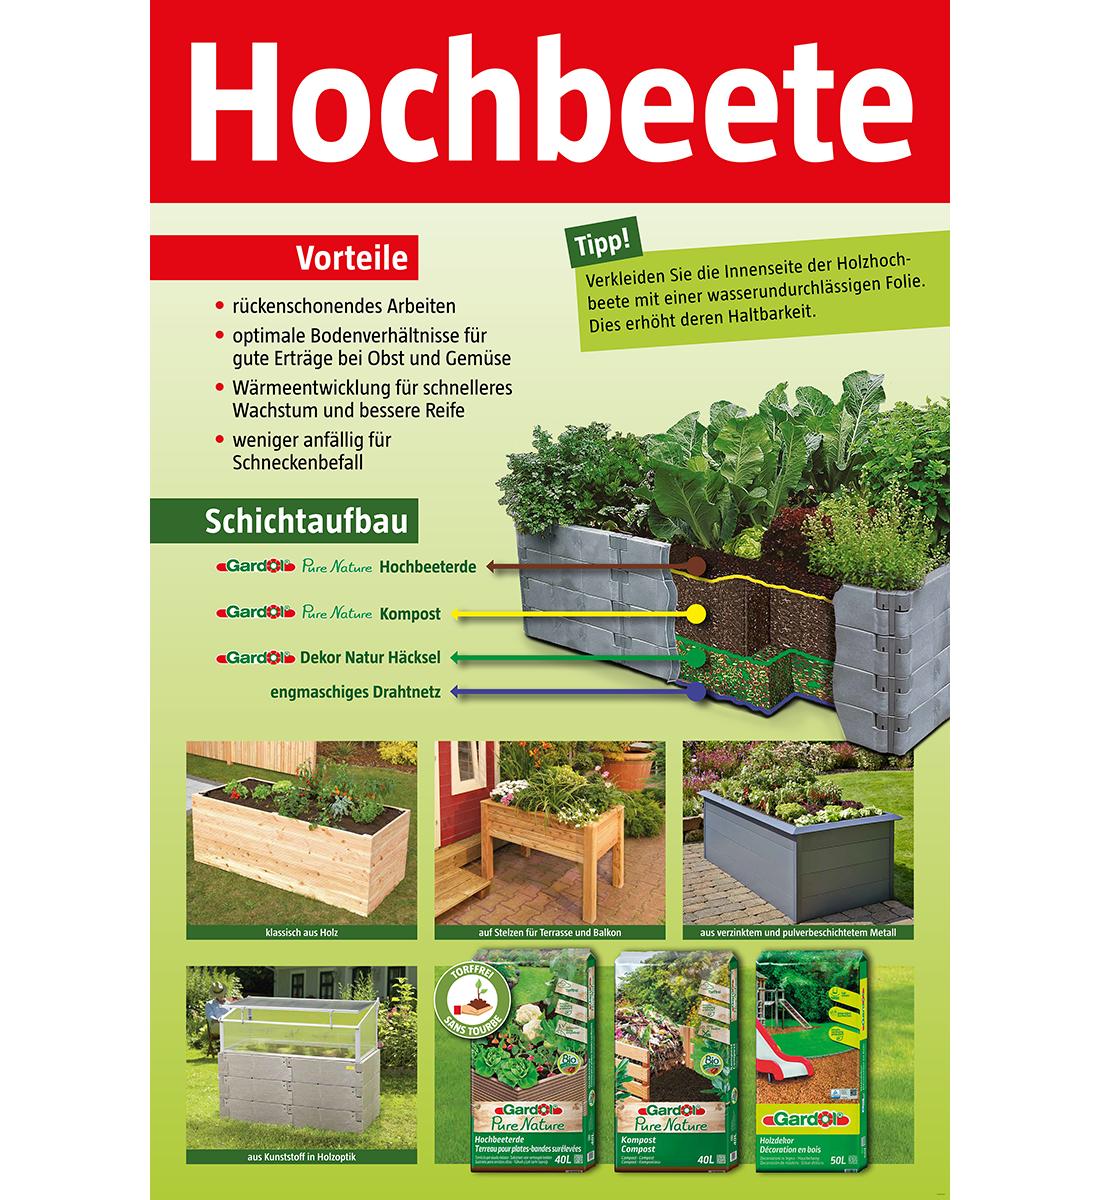 Diy Hochbeet Aus Paletten Selber Bauen Bauhaus Schweiz In 2020 Hochbeet Hochbeet Aus Paletten Diy Hochbeet